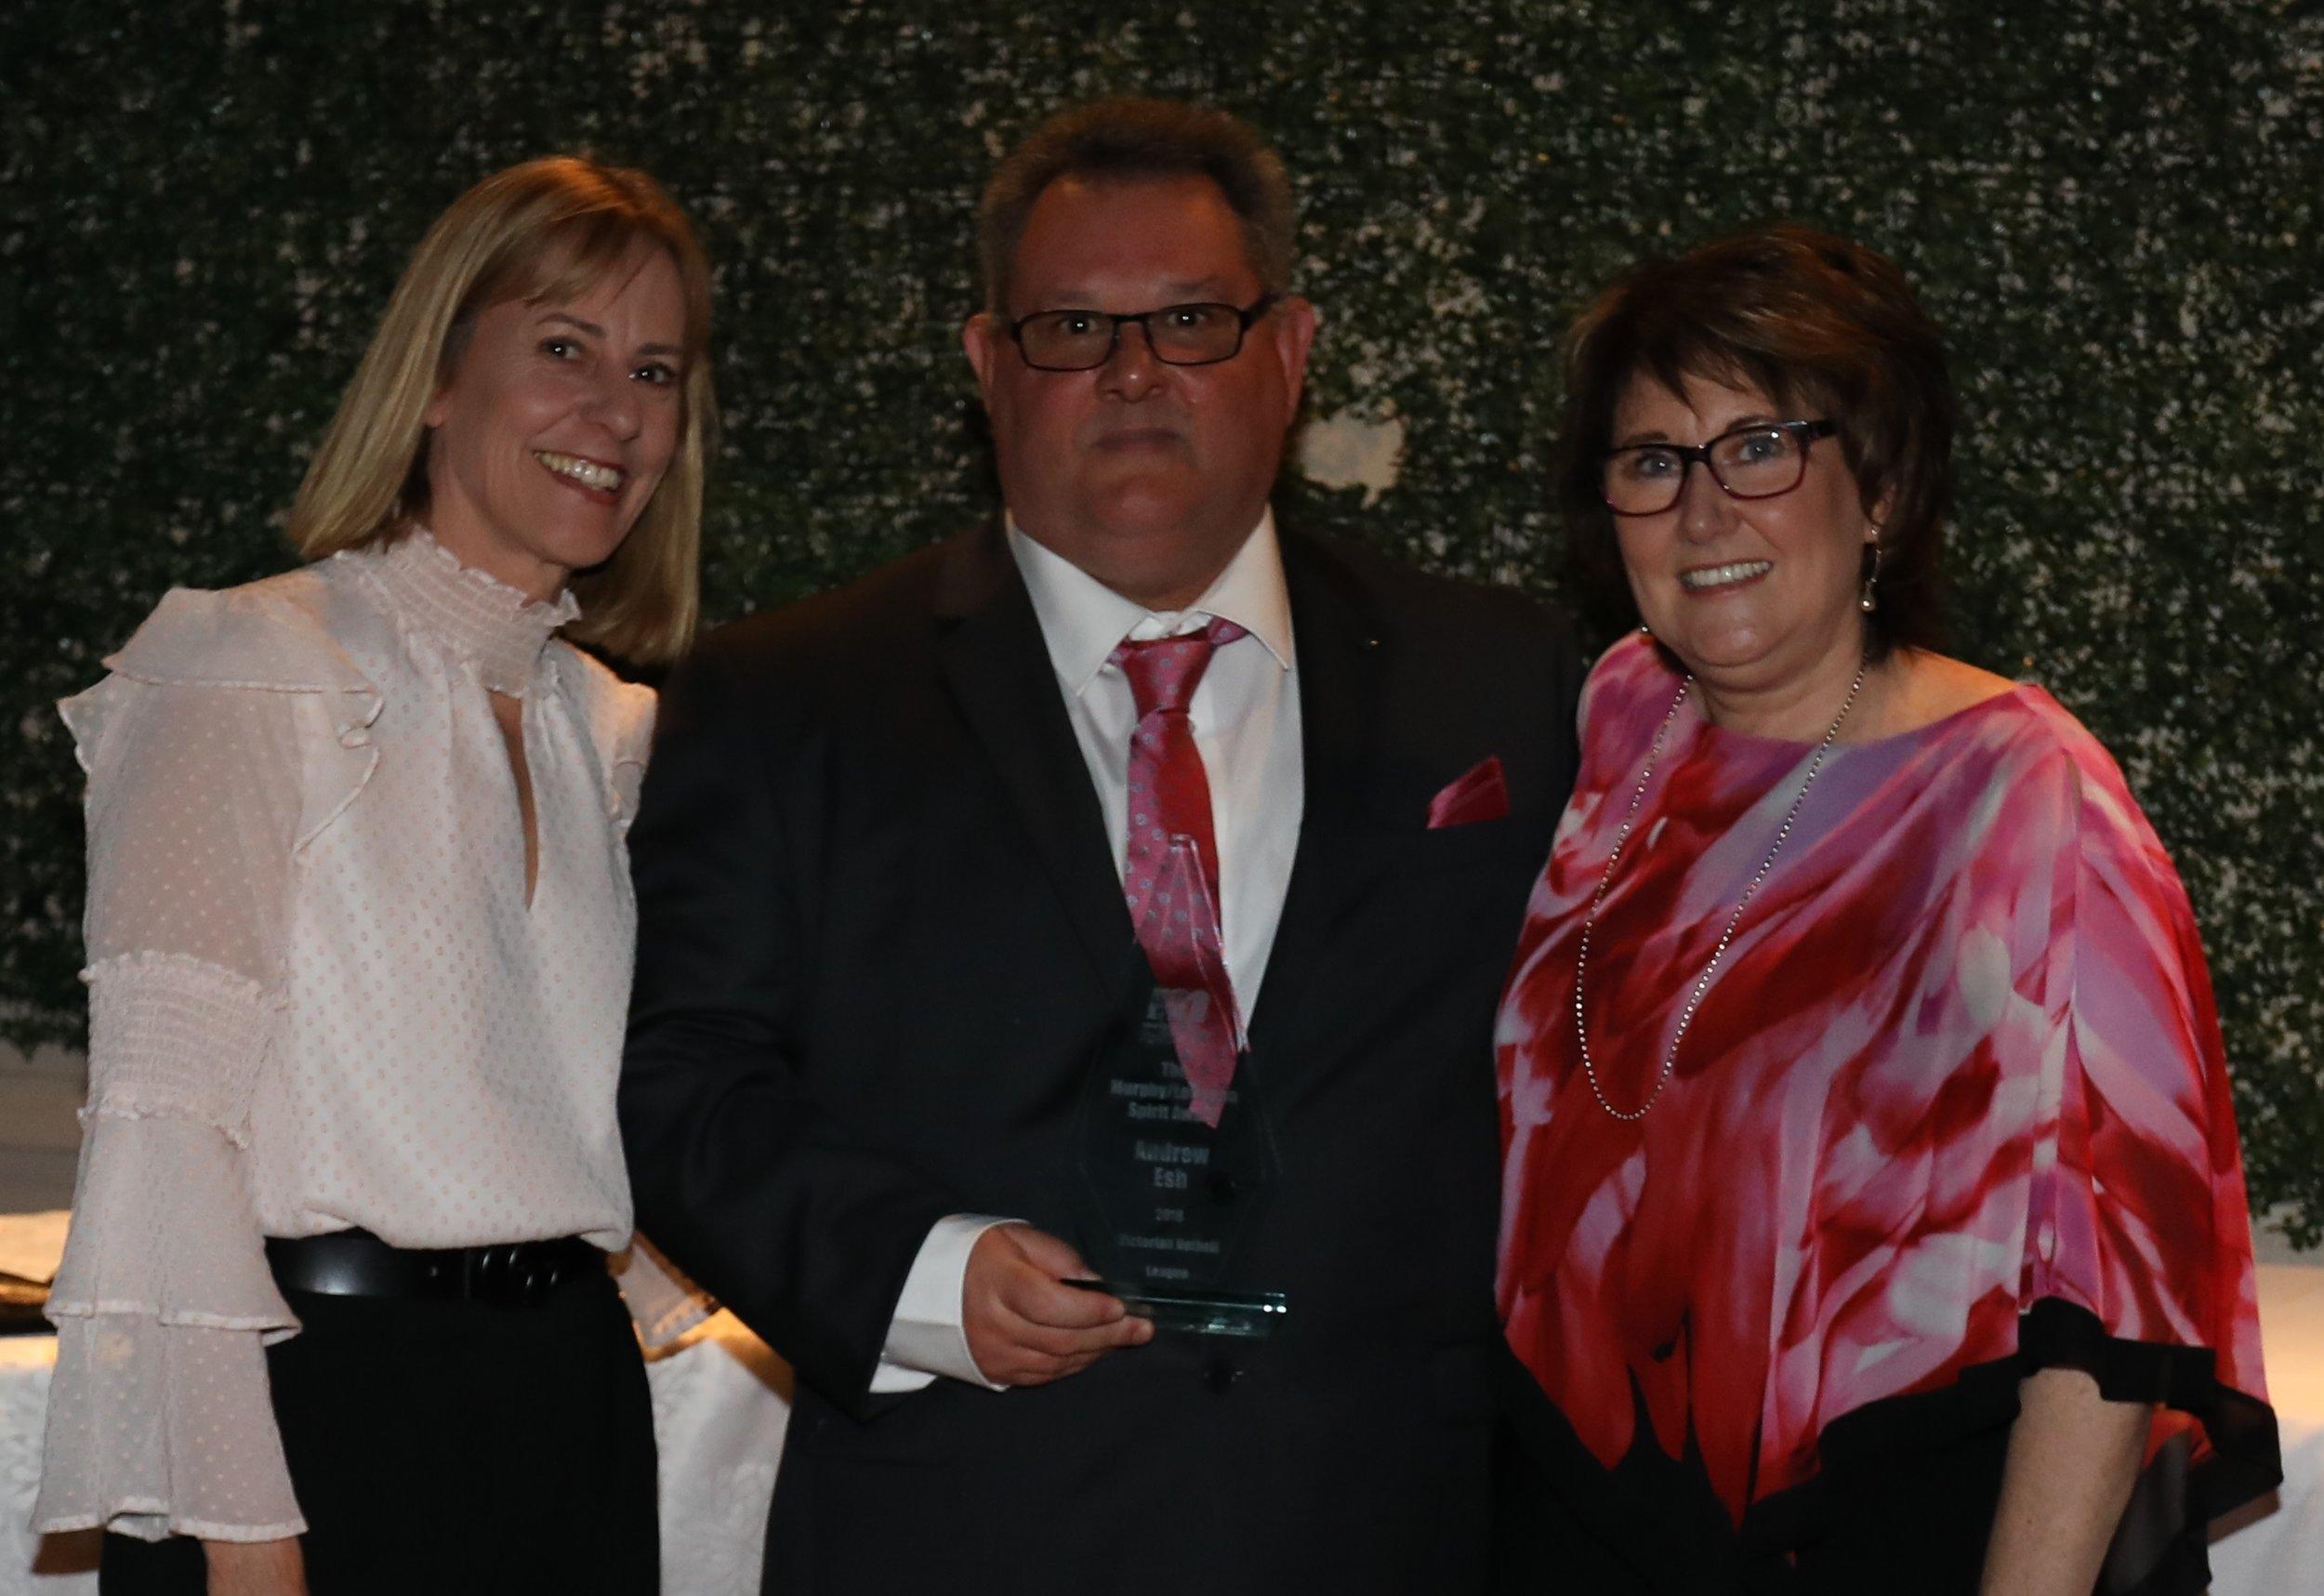 Service Award: Andrew Esh